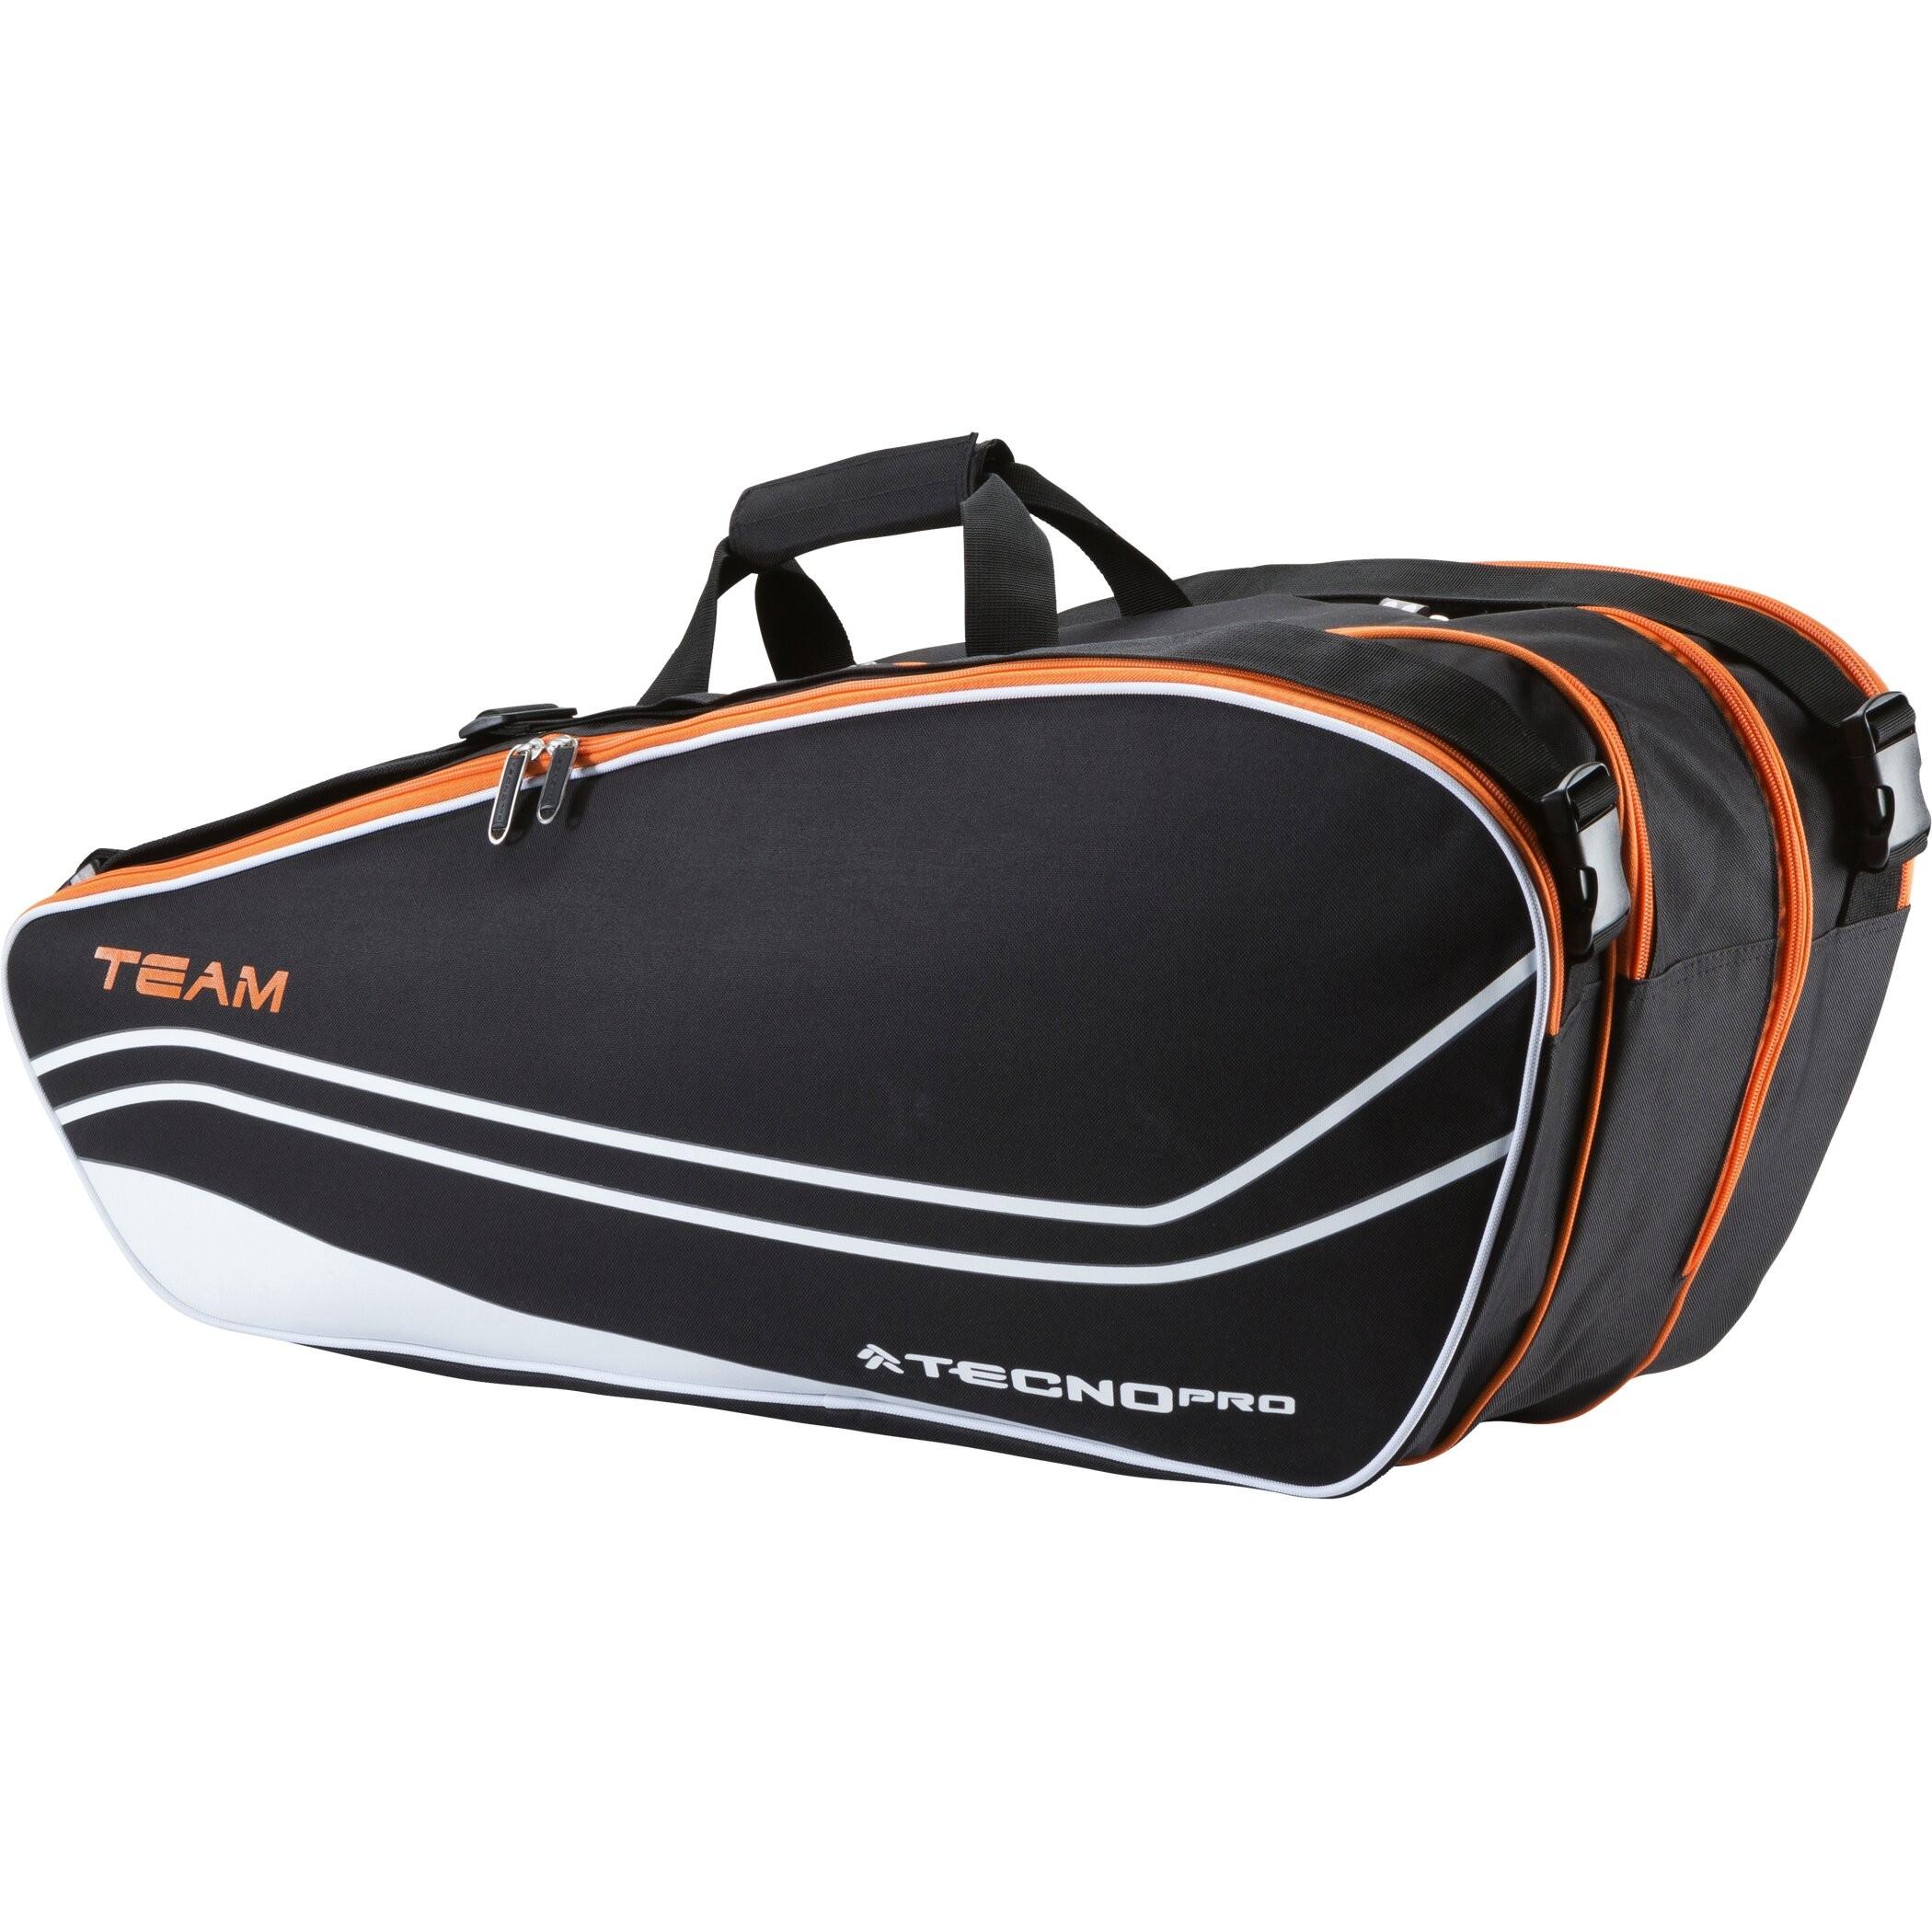 TECNOPRO Tennistasche 3-Racket Bag